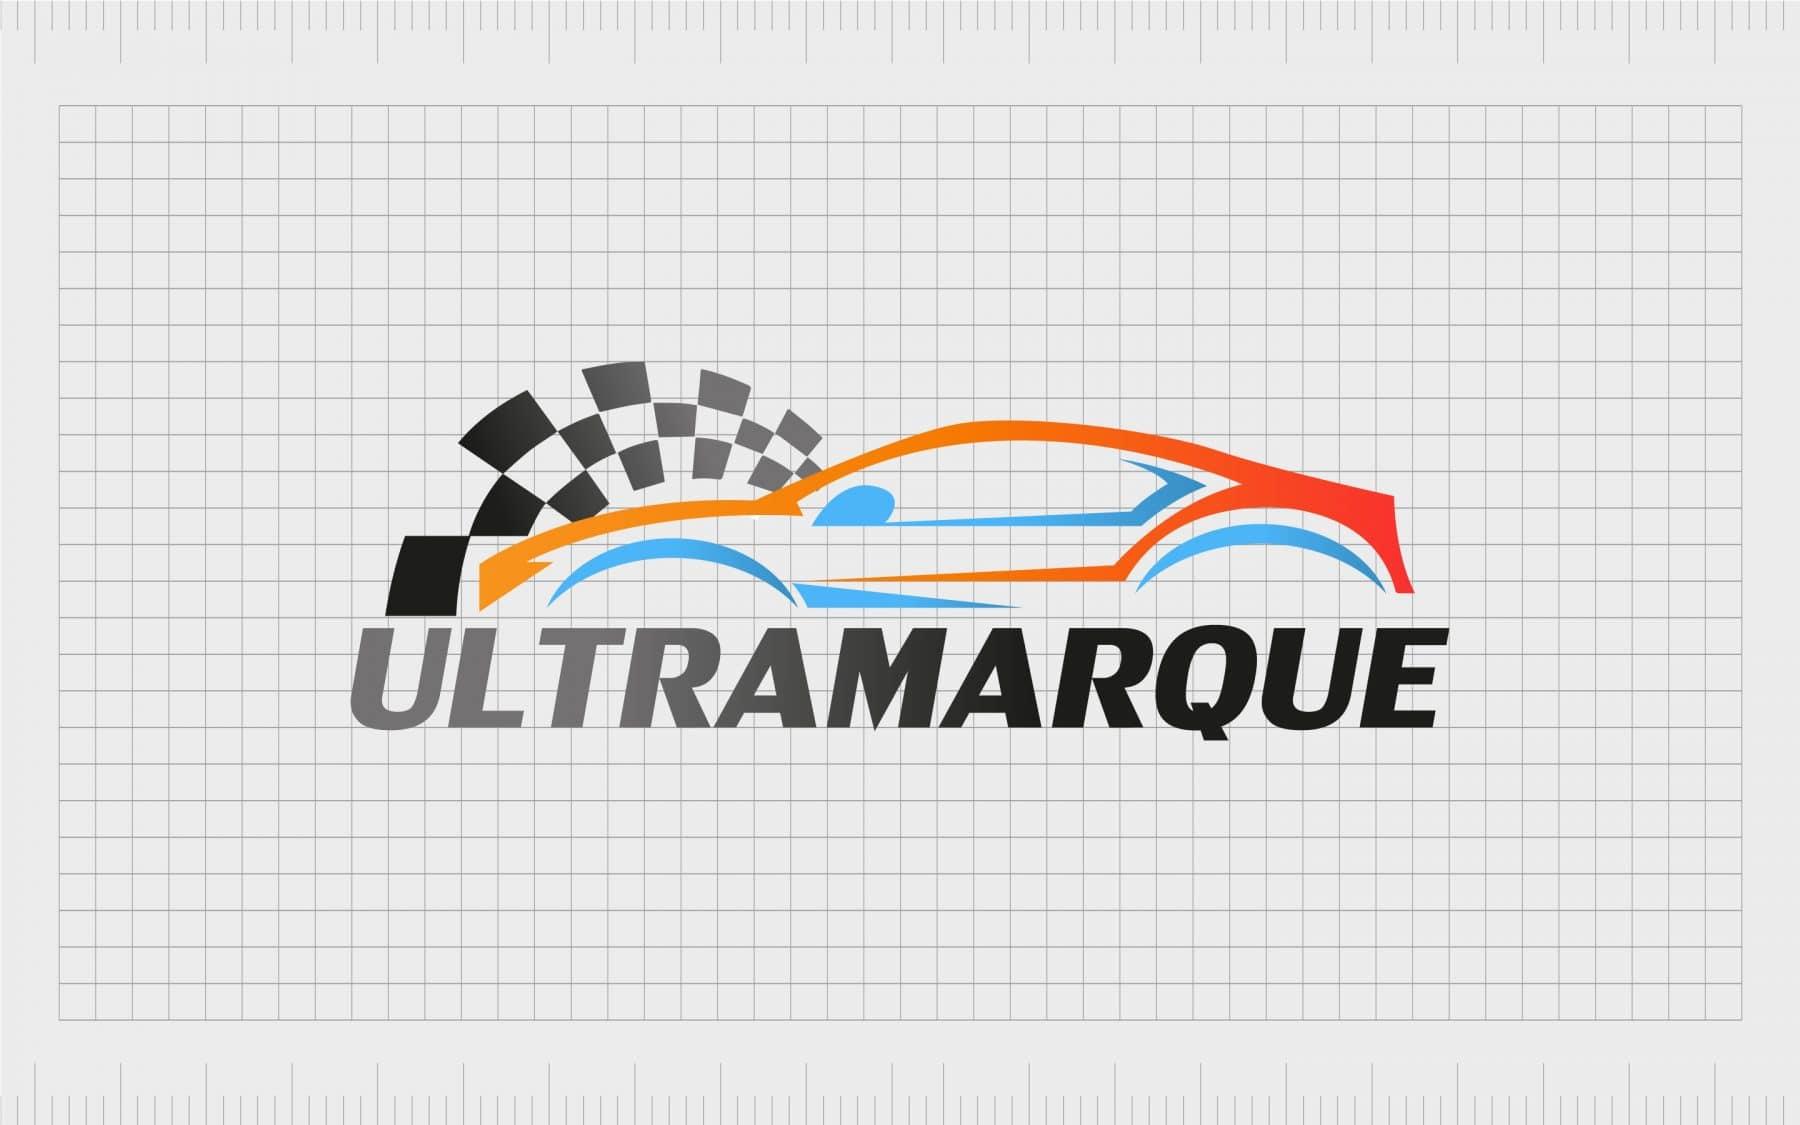 Ultramarque